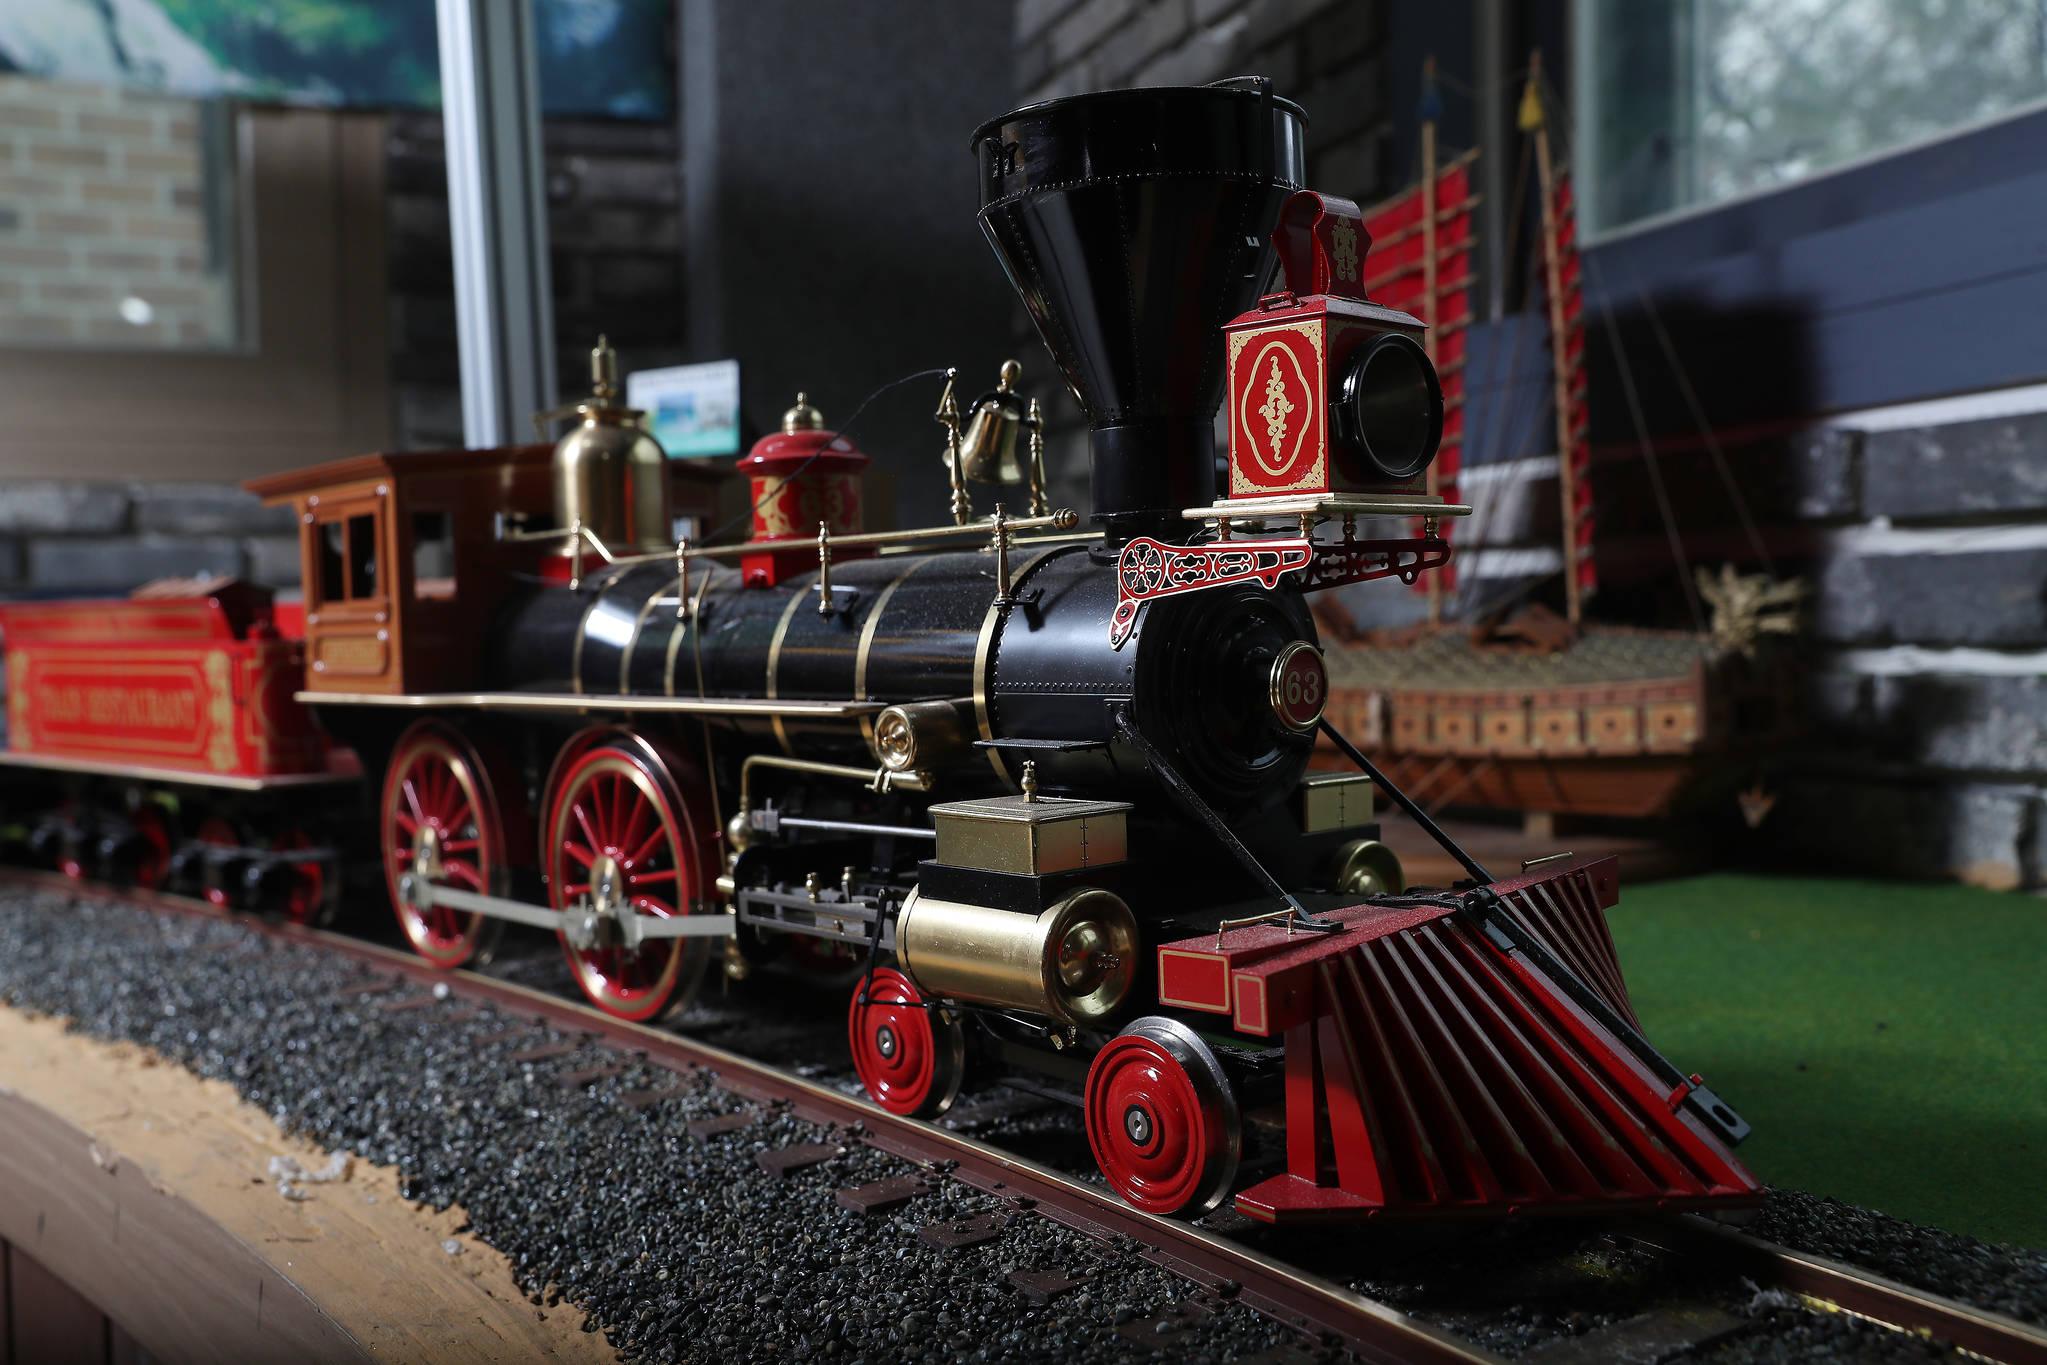 완성된 'JUPITER' 기관차 모형. 박물관 내에서 음료를 서빙하는 역할도 담당하고 있다. 우상조 기자